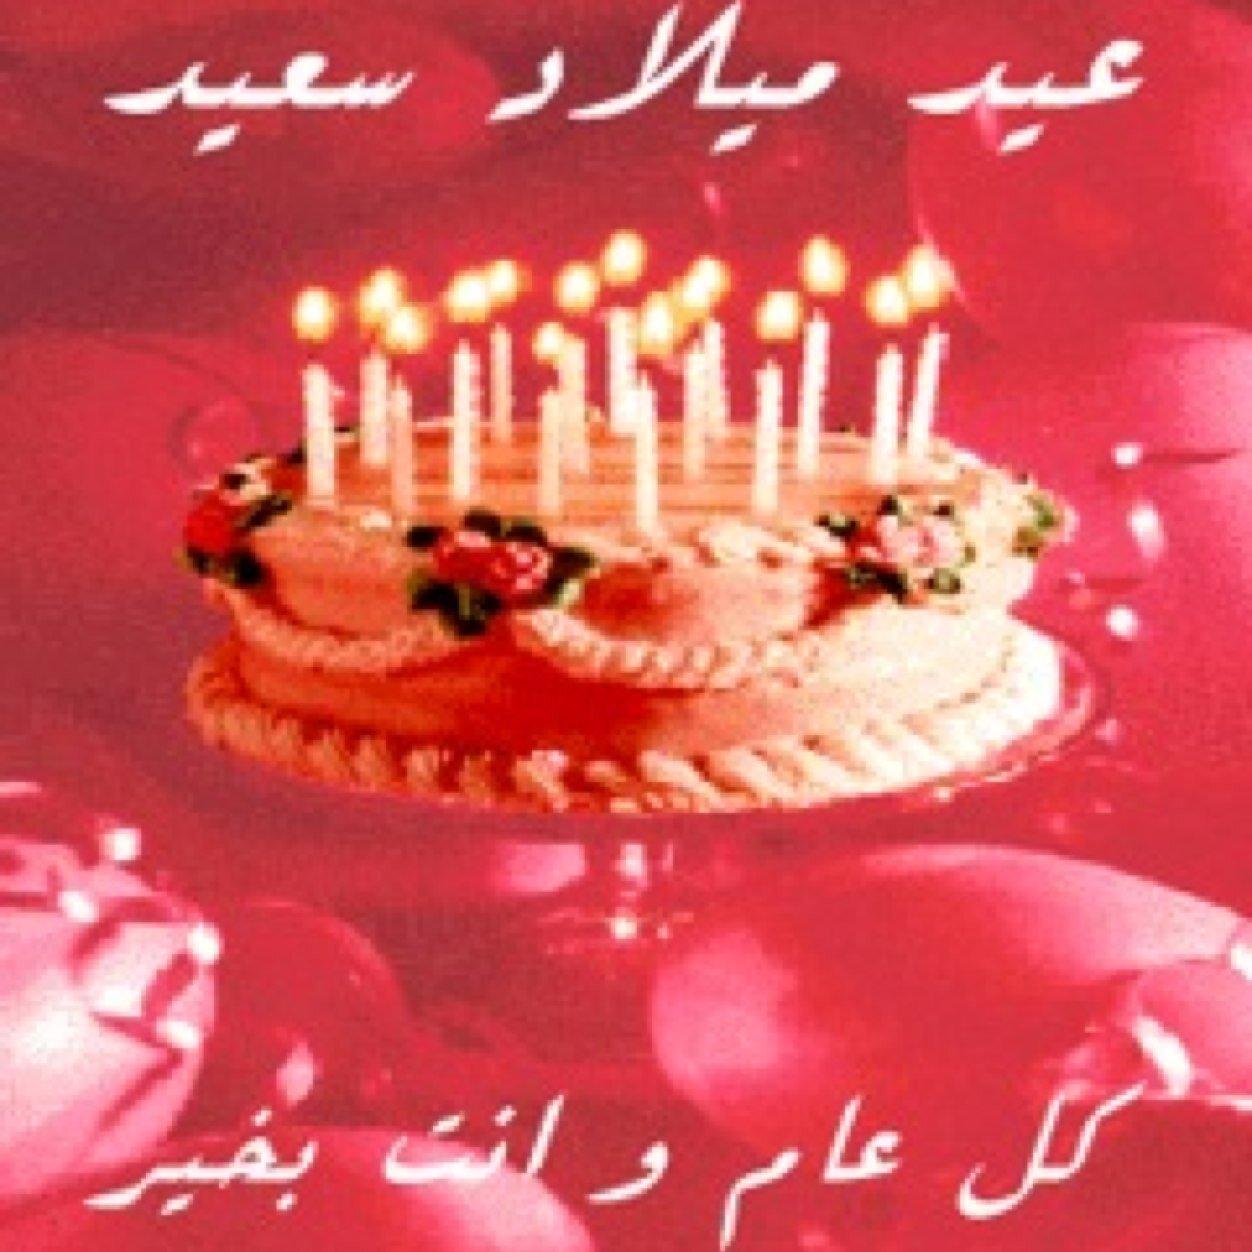 بالصور صور تهاني اعياد ميلاد , اجمل خلفيات للمباركة في عيد ميلاد